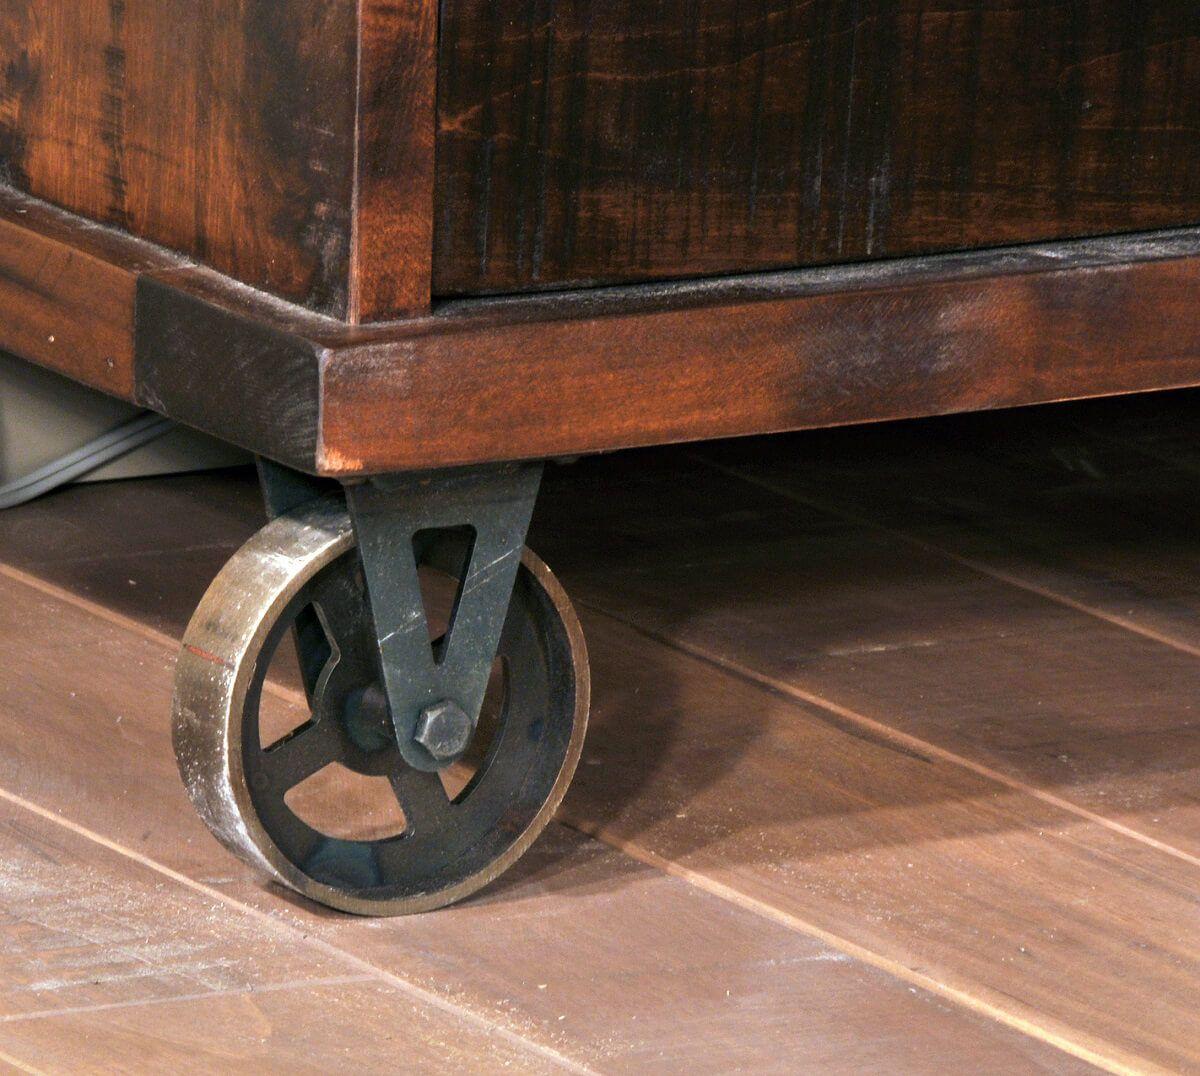 Caster Wheel Detail